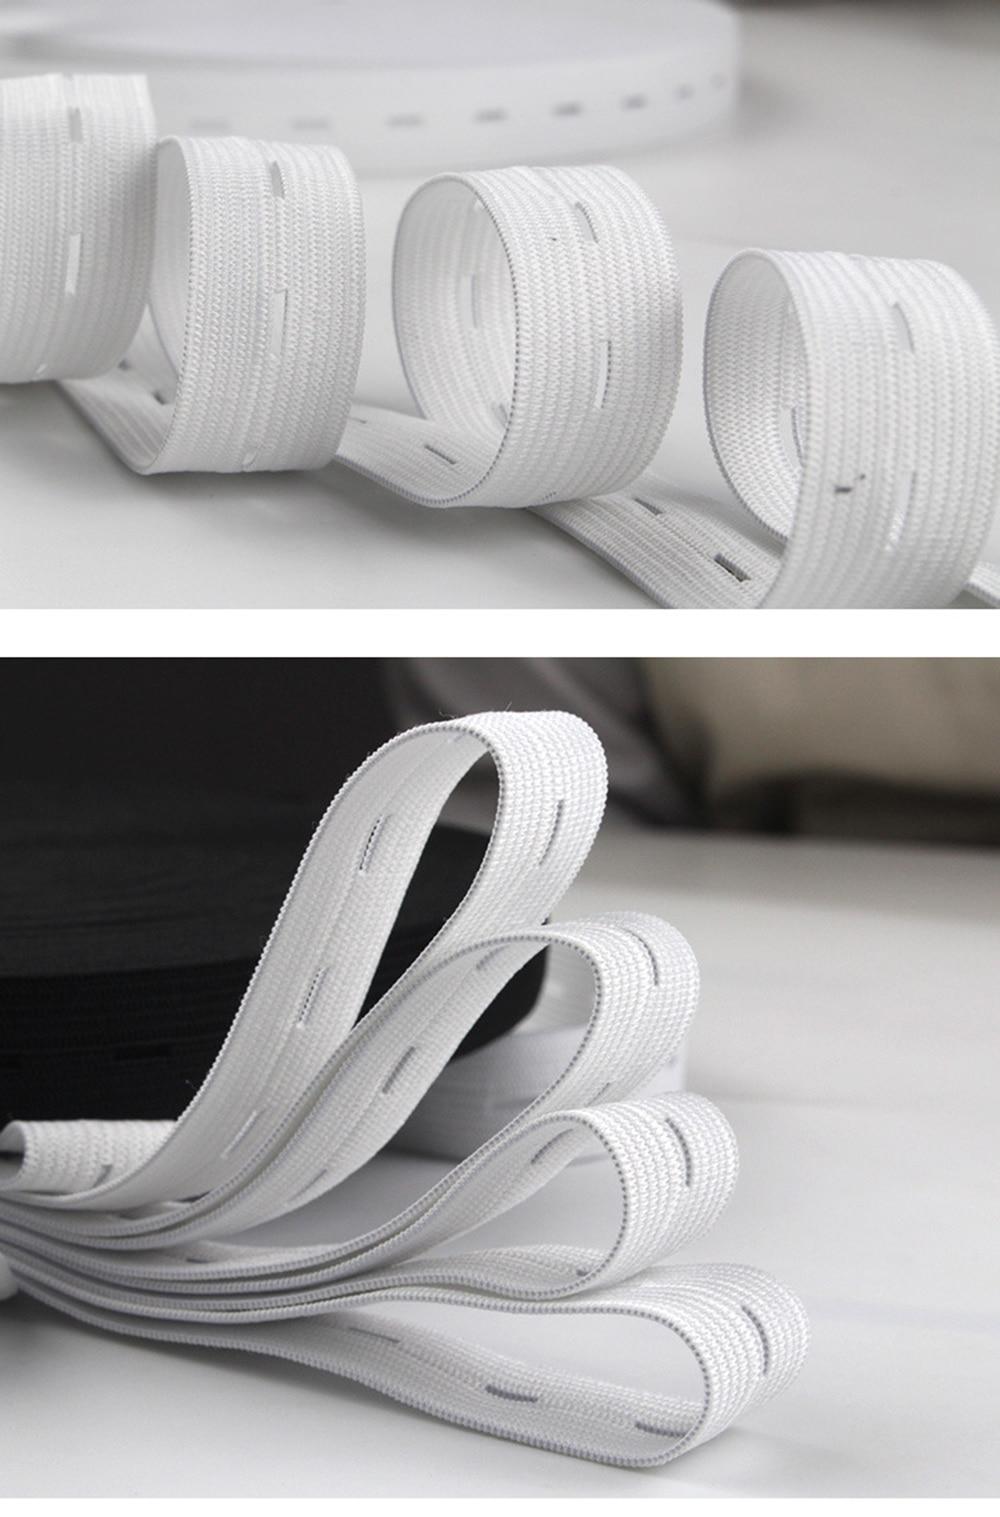 1 metros ojal goma beige agujero de goma cinta elástica blanco aprox 20//25 mm de ancho